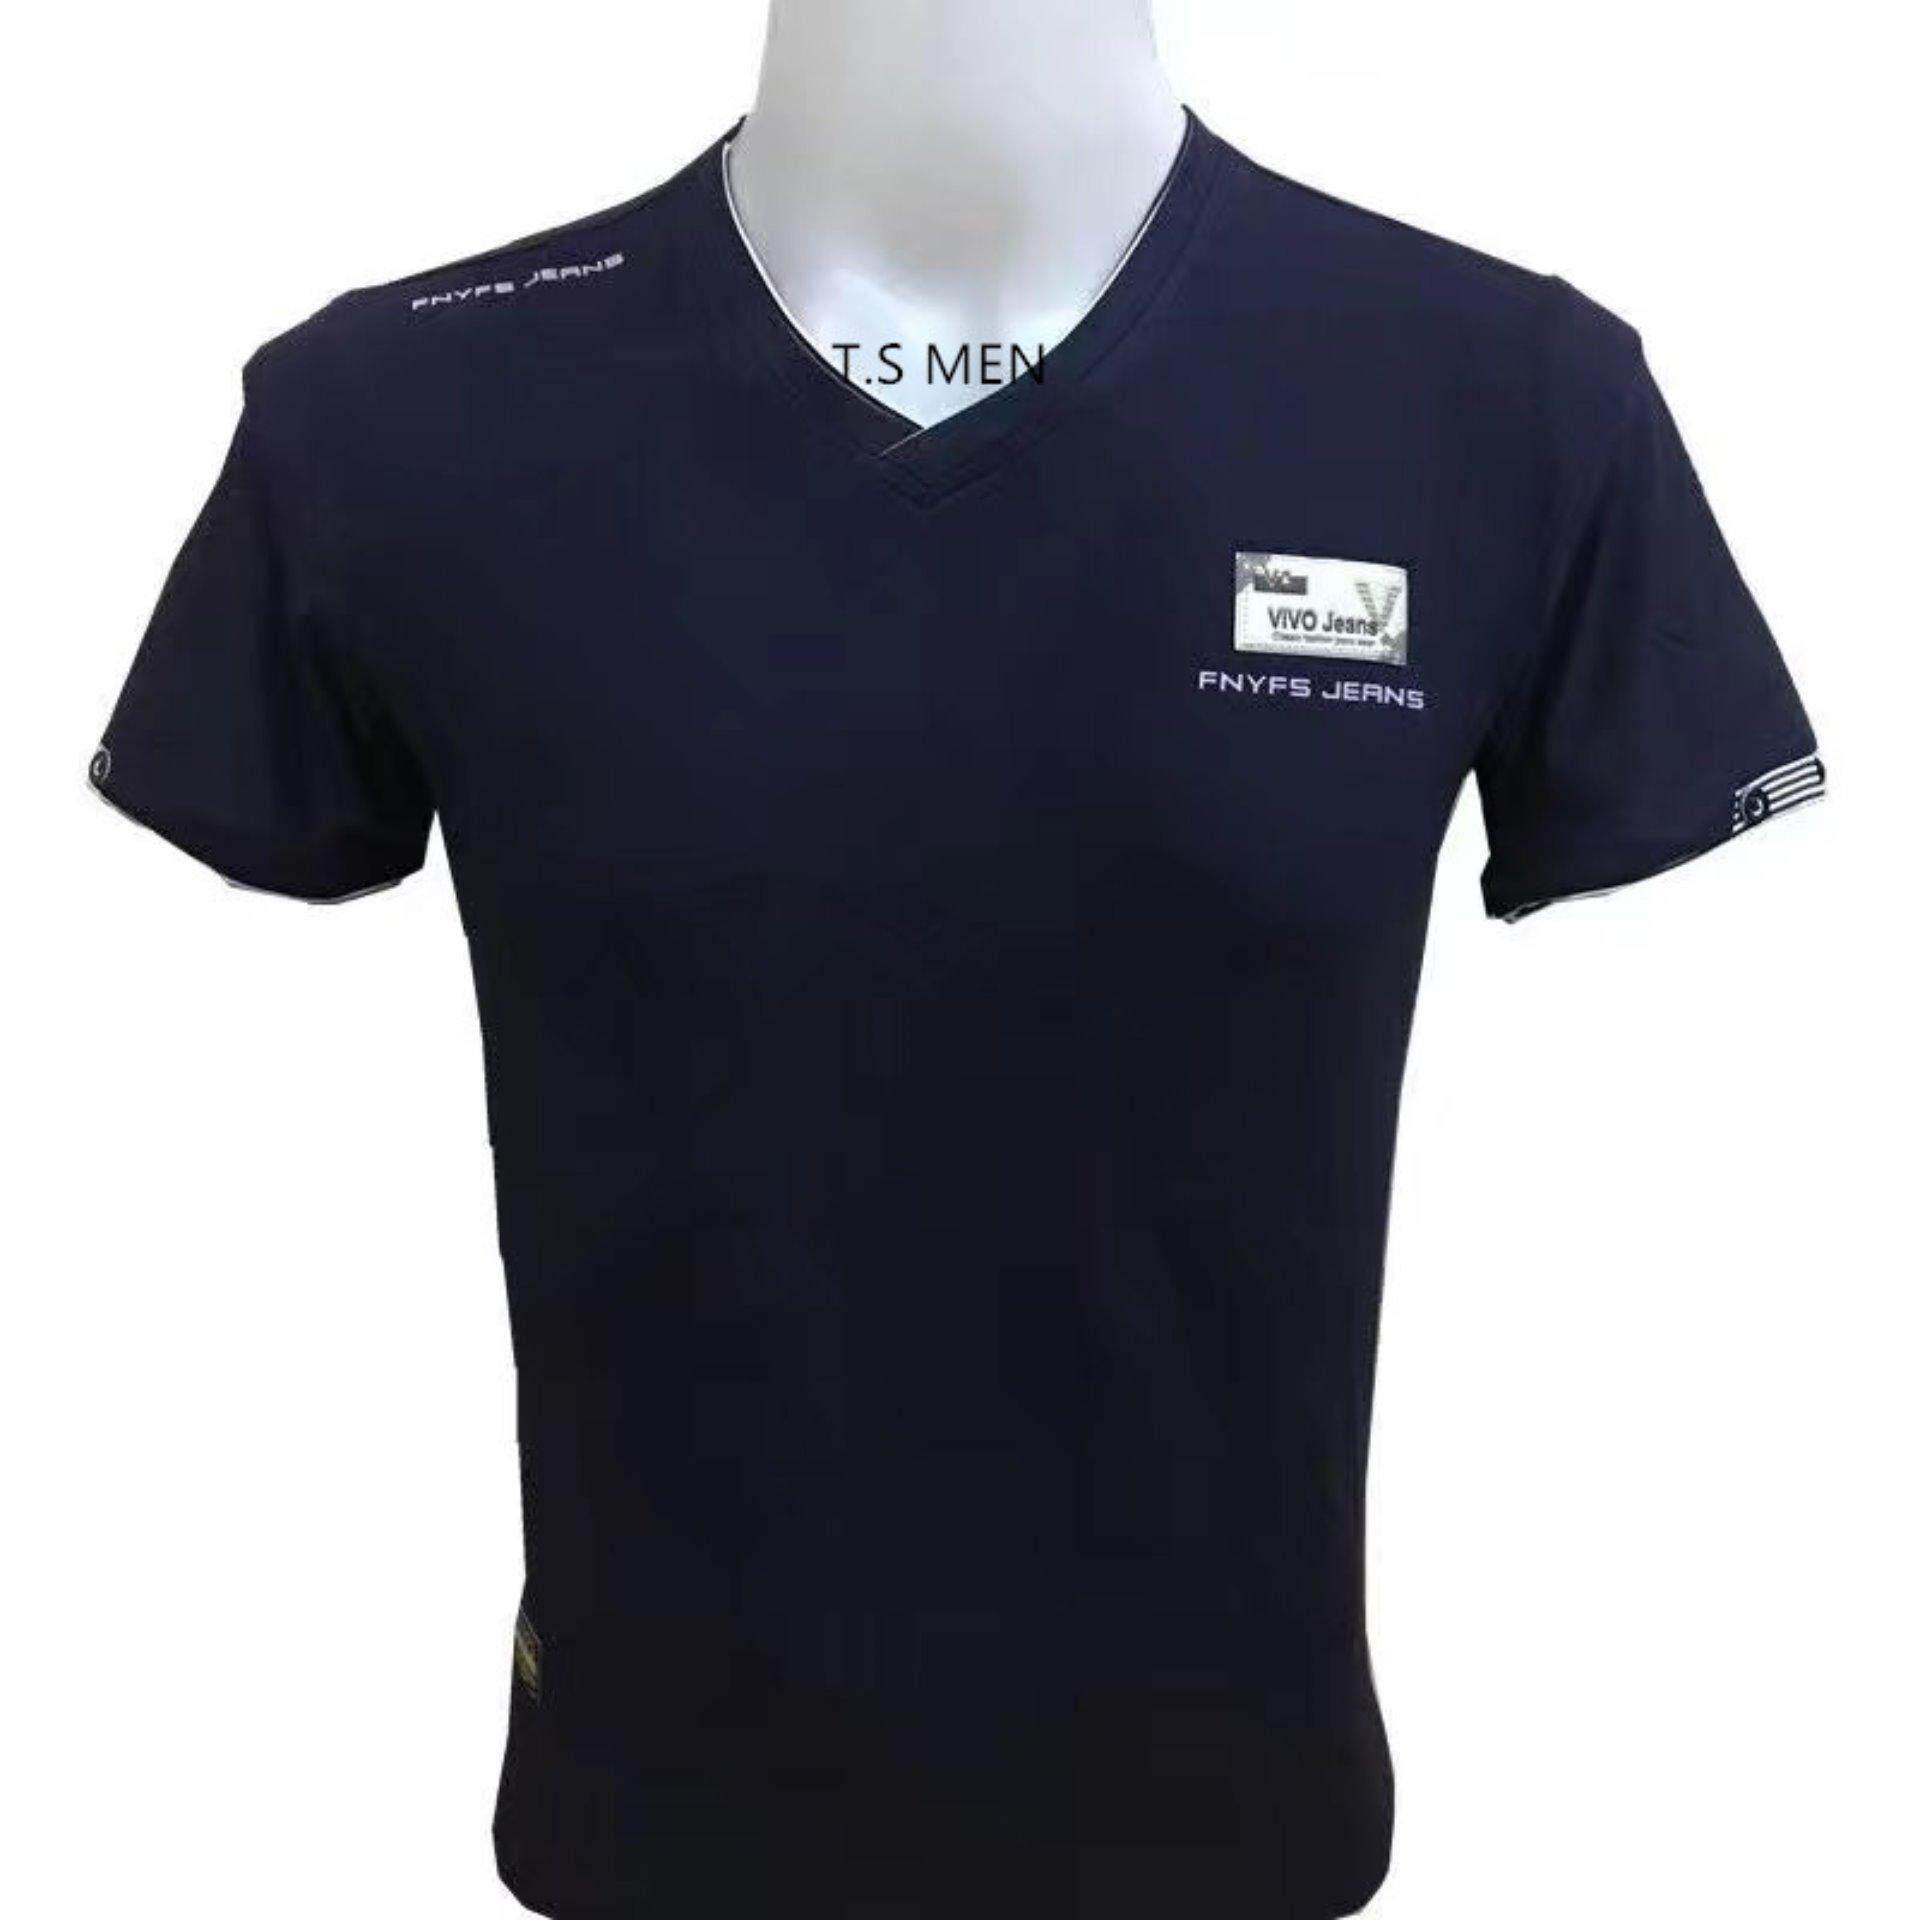 ทบทวน เสื้อยืดผู้ชายMen S T Shirtเสื้อยืดแฟชั่นผู้ชาย Oemgenuine